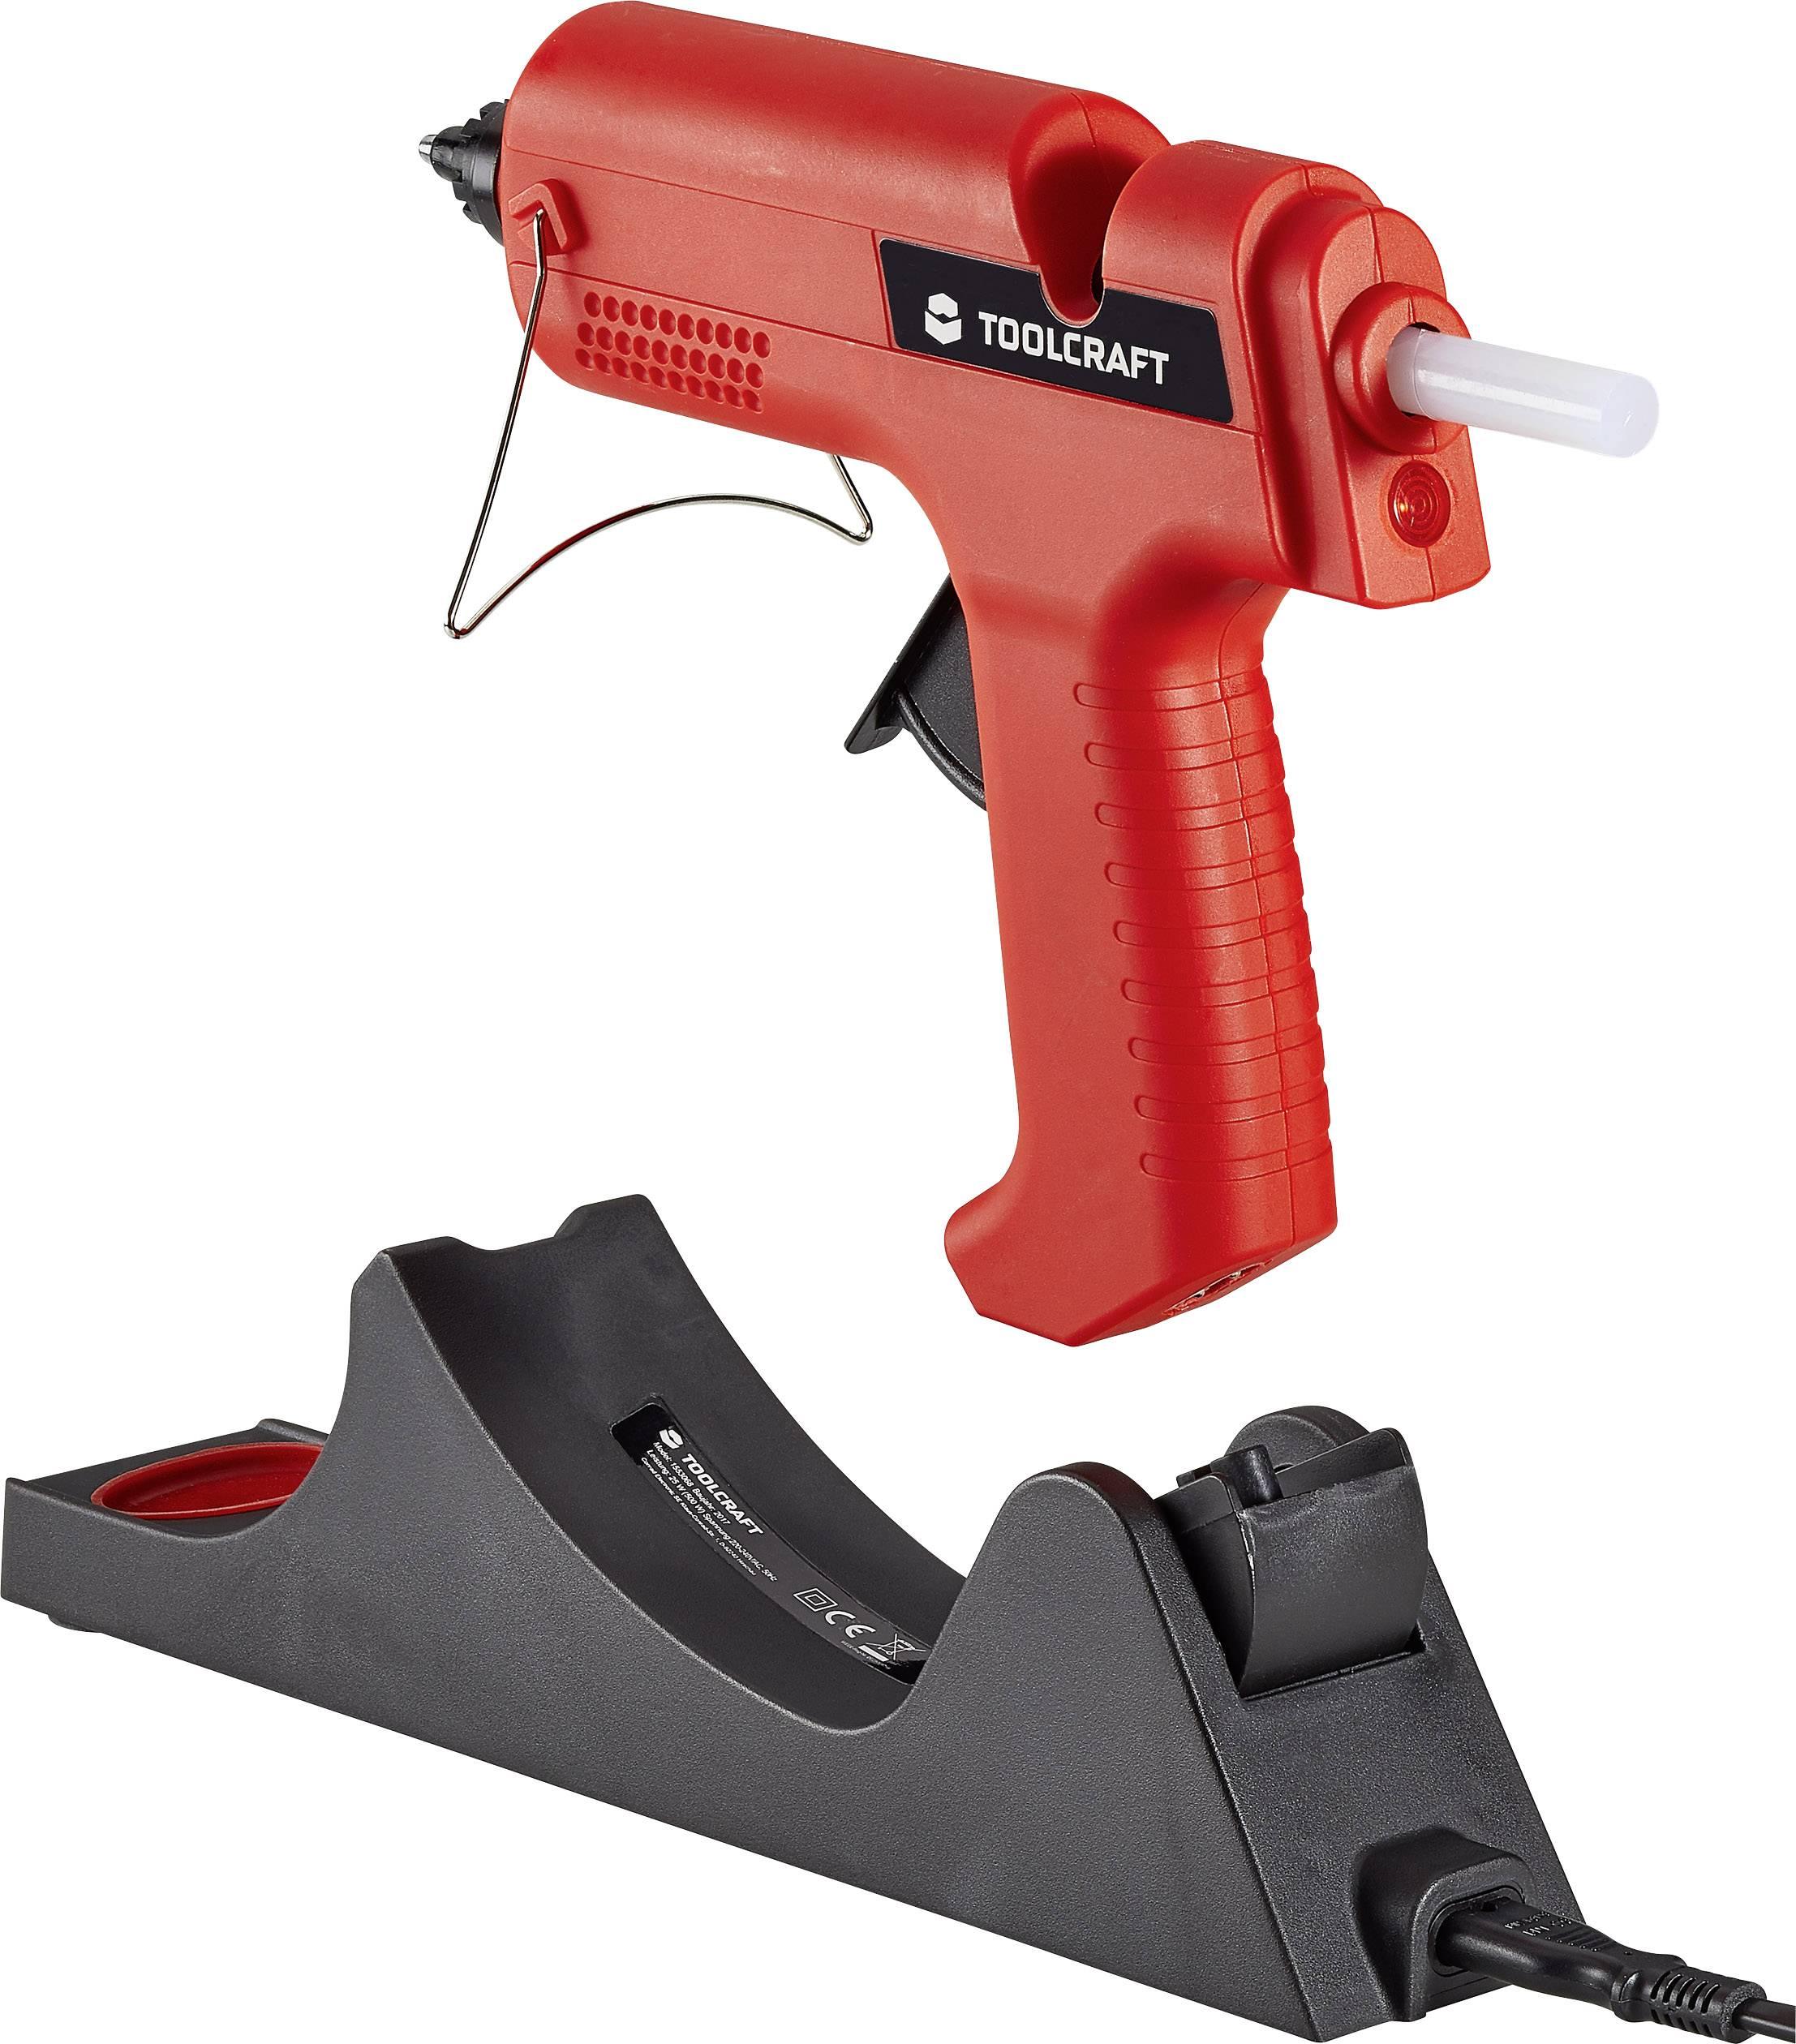 Tavná lepiaca pištoľ TOOLCRAFT TC-HKP-11 WL 1553068, 500 W, vr. príslušenstva